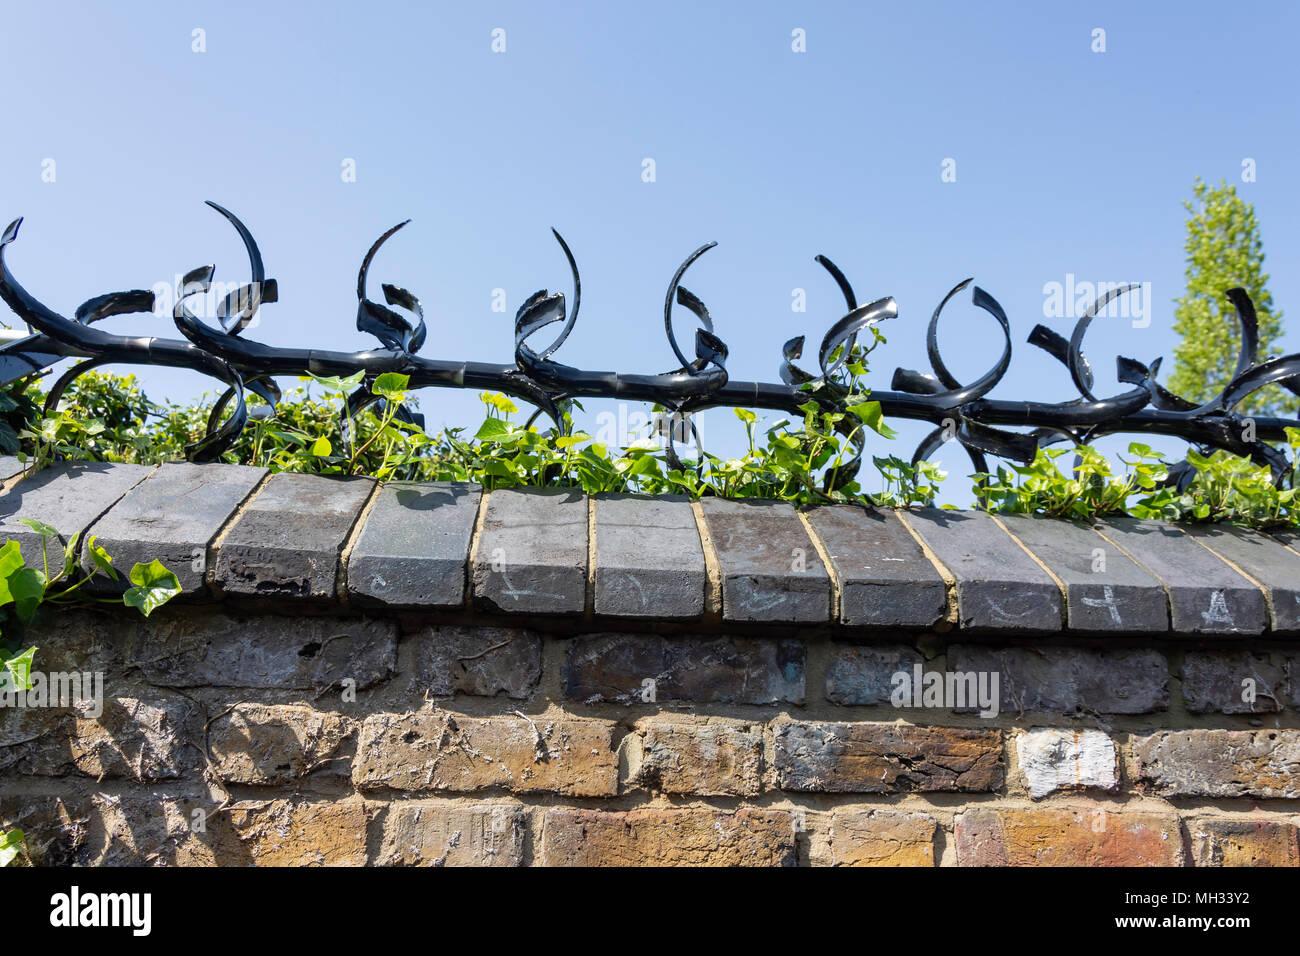 Sécurité sur les pointes de métal garden wall, Chiswick, London Borough of London, Greater London, Angleterre, Royaume-Uni Photo Stock